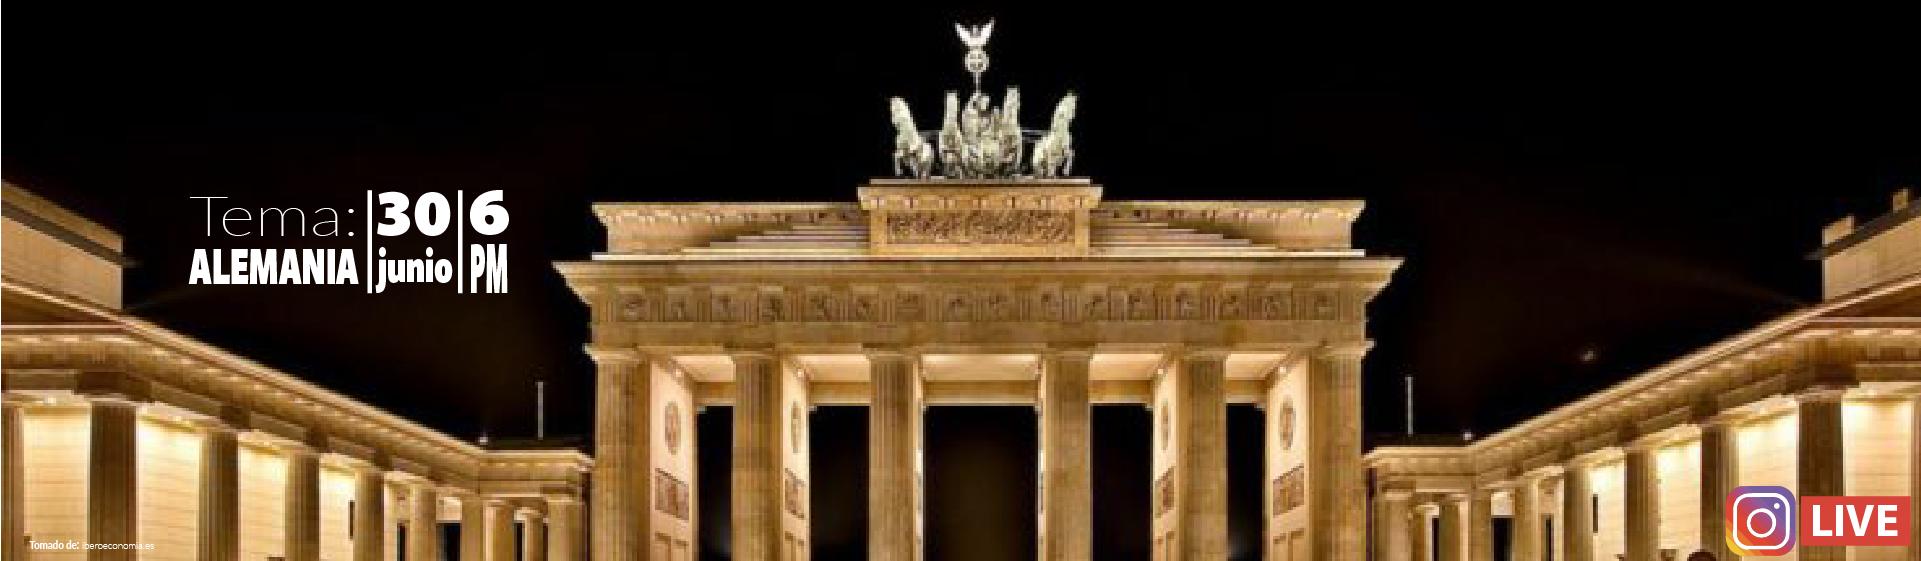 Alemania Tertuliandes   Uniandes